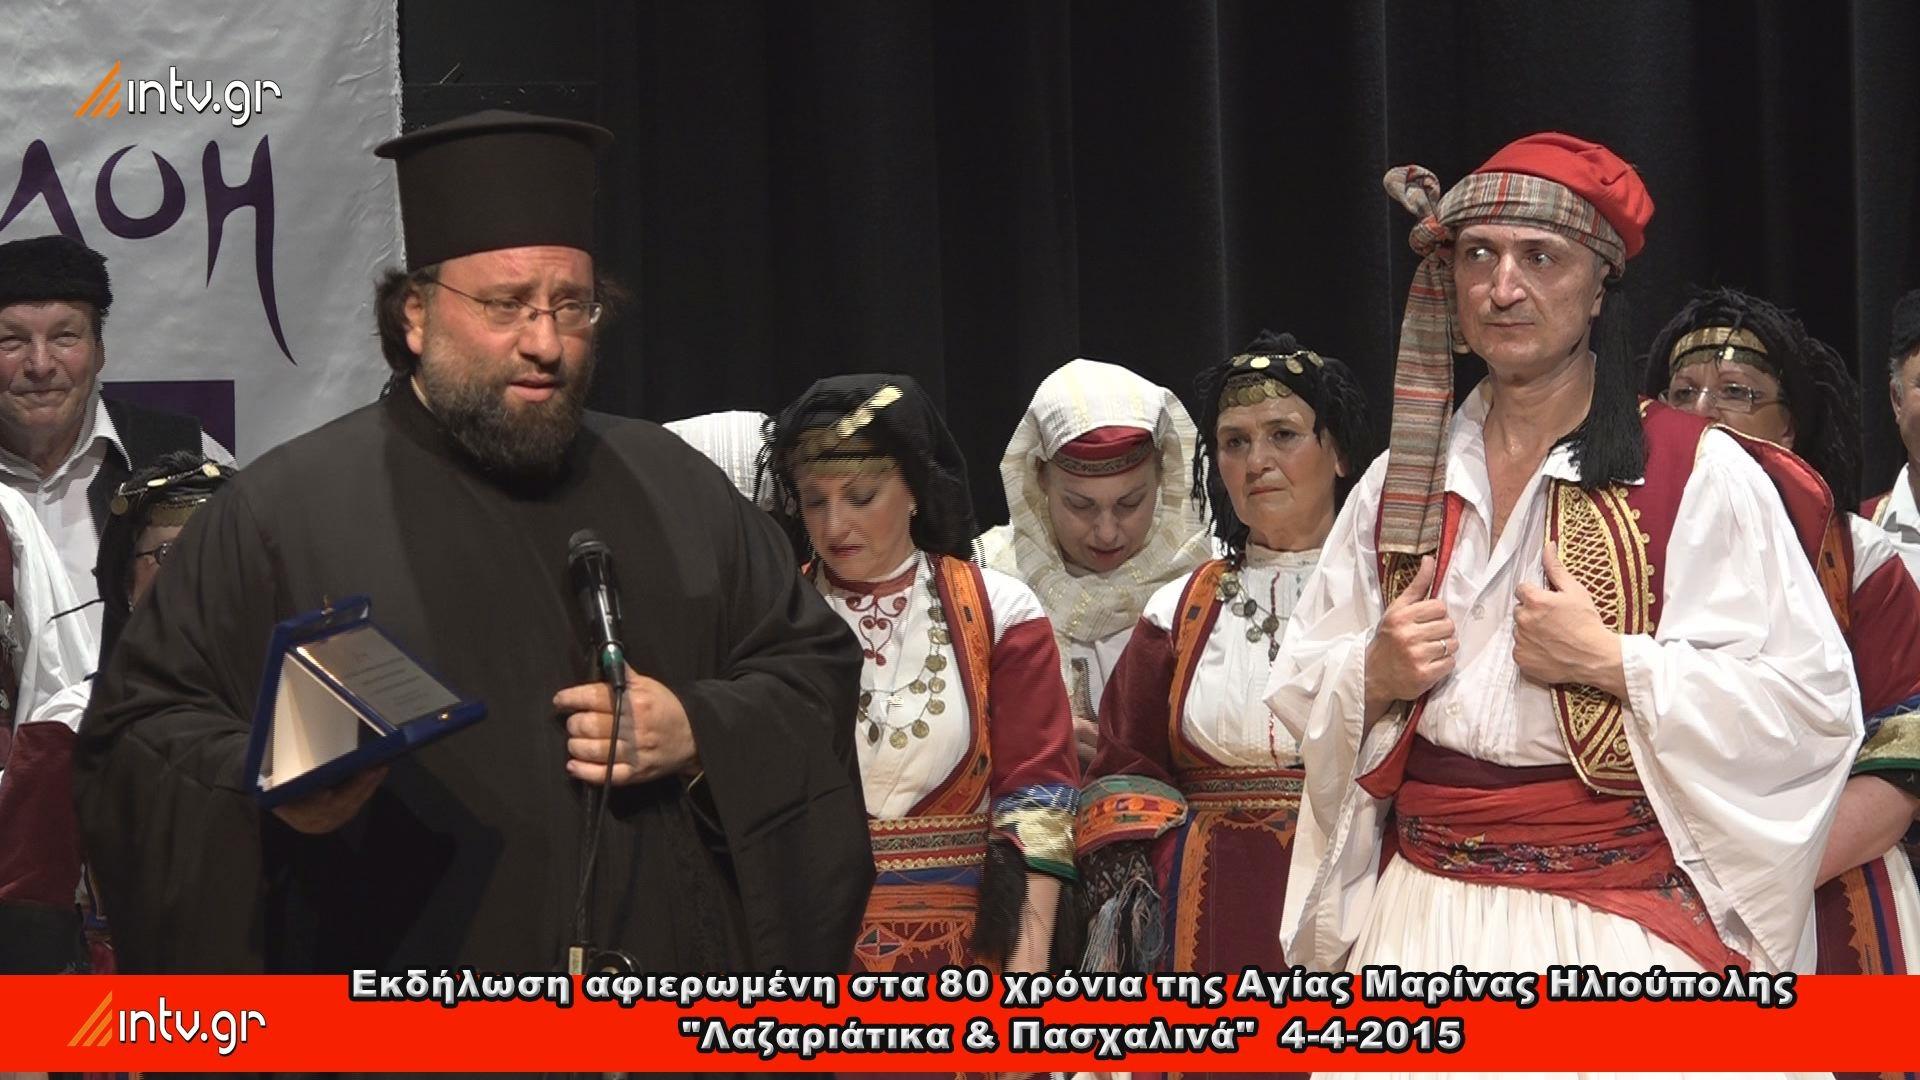 """Εκδήλωση αφιερωμένη για τα 80 χρόνια του Ι. Ναού Αγίας Μαρίνης Ηλιουπόλεως """"Λαζαριάτικα & Πασχαλινά"""""""